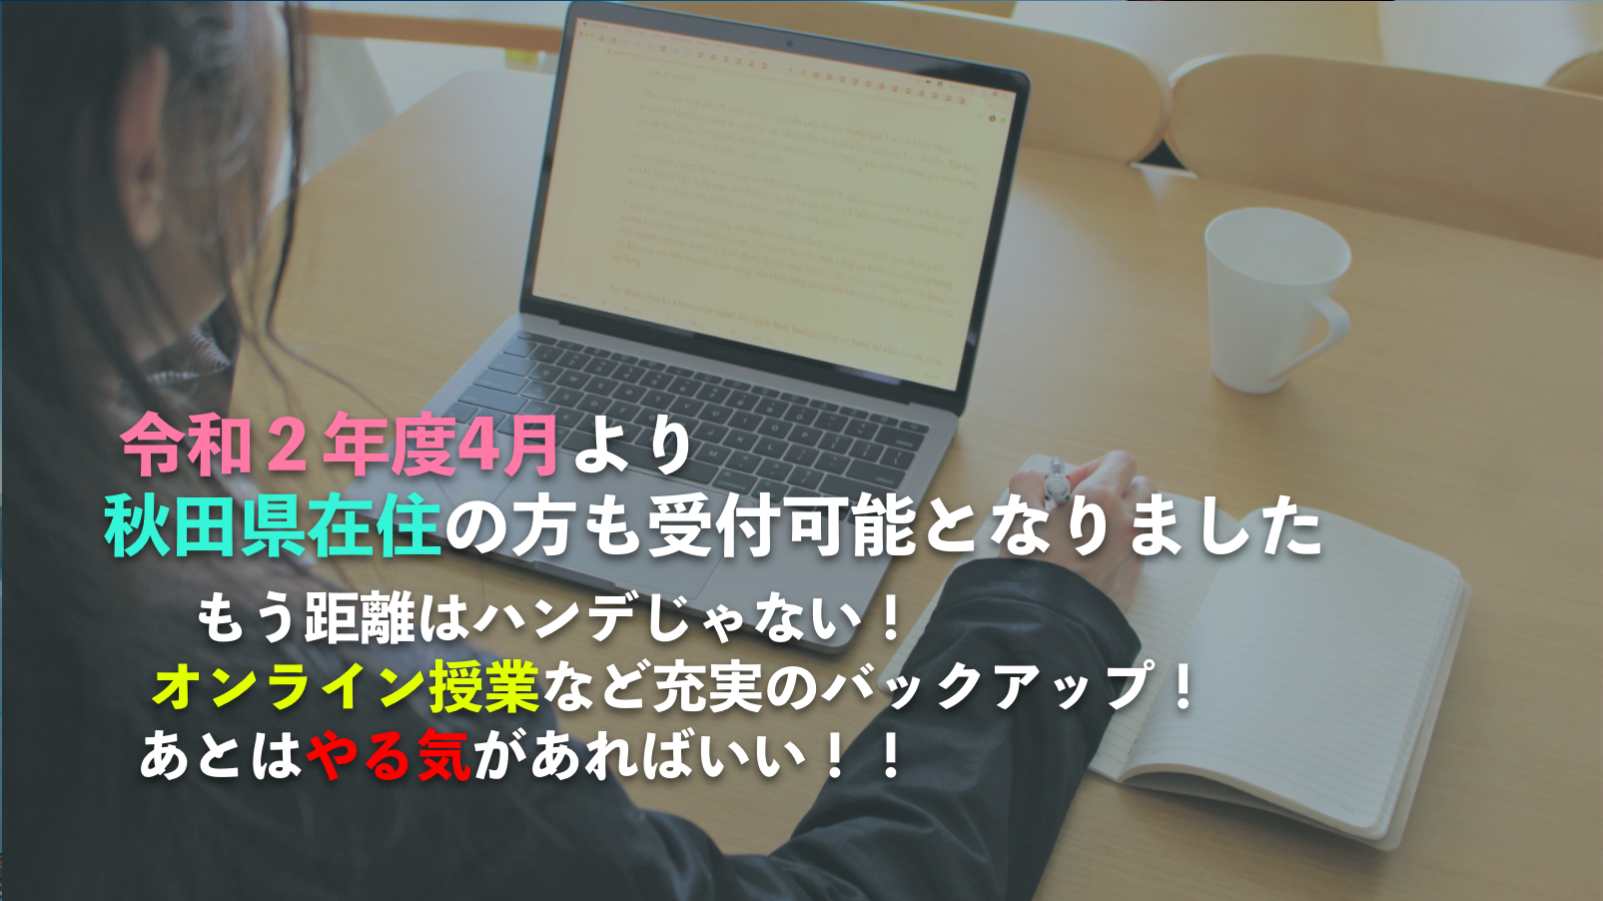 令和二年度4月より、秋田県在住の方も受付可能となりました